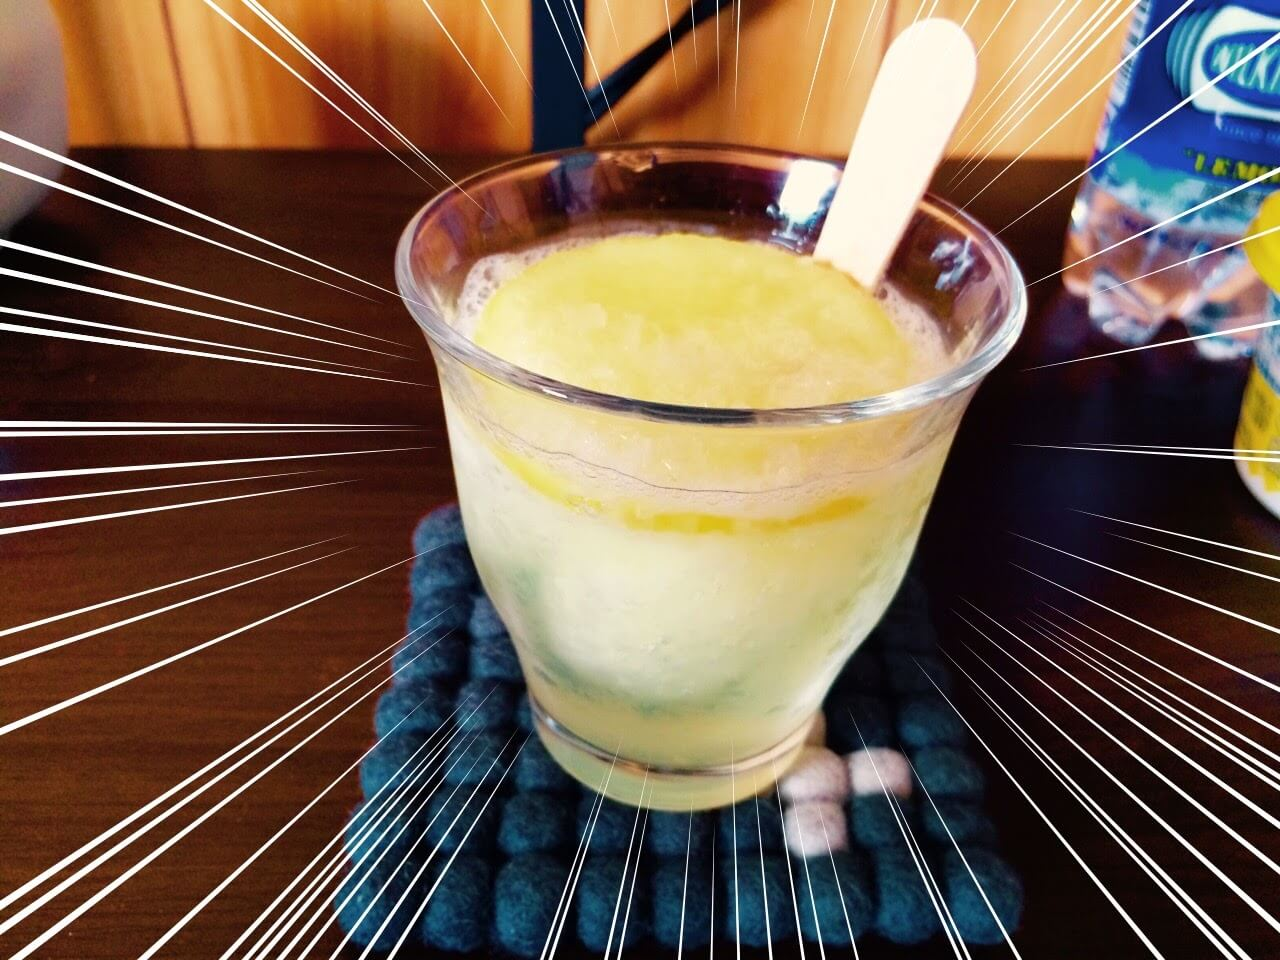 【Twitterで話題】炭酸水×サクレで作る、爽やかレモンドリンク!作ってみたらサイコーでした!